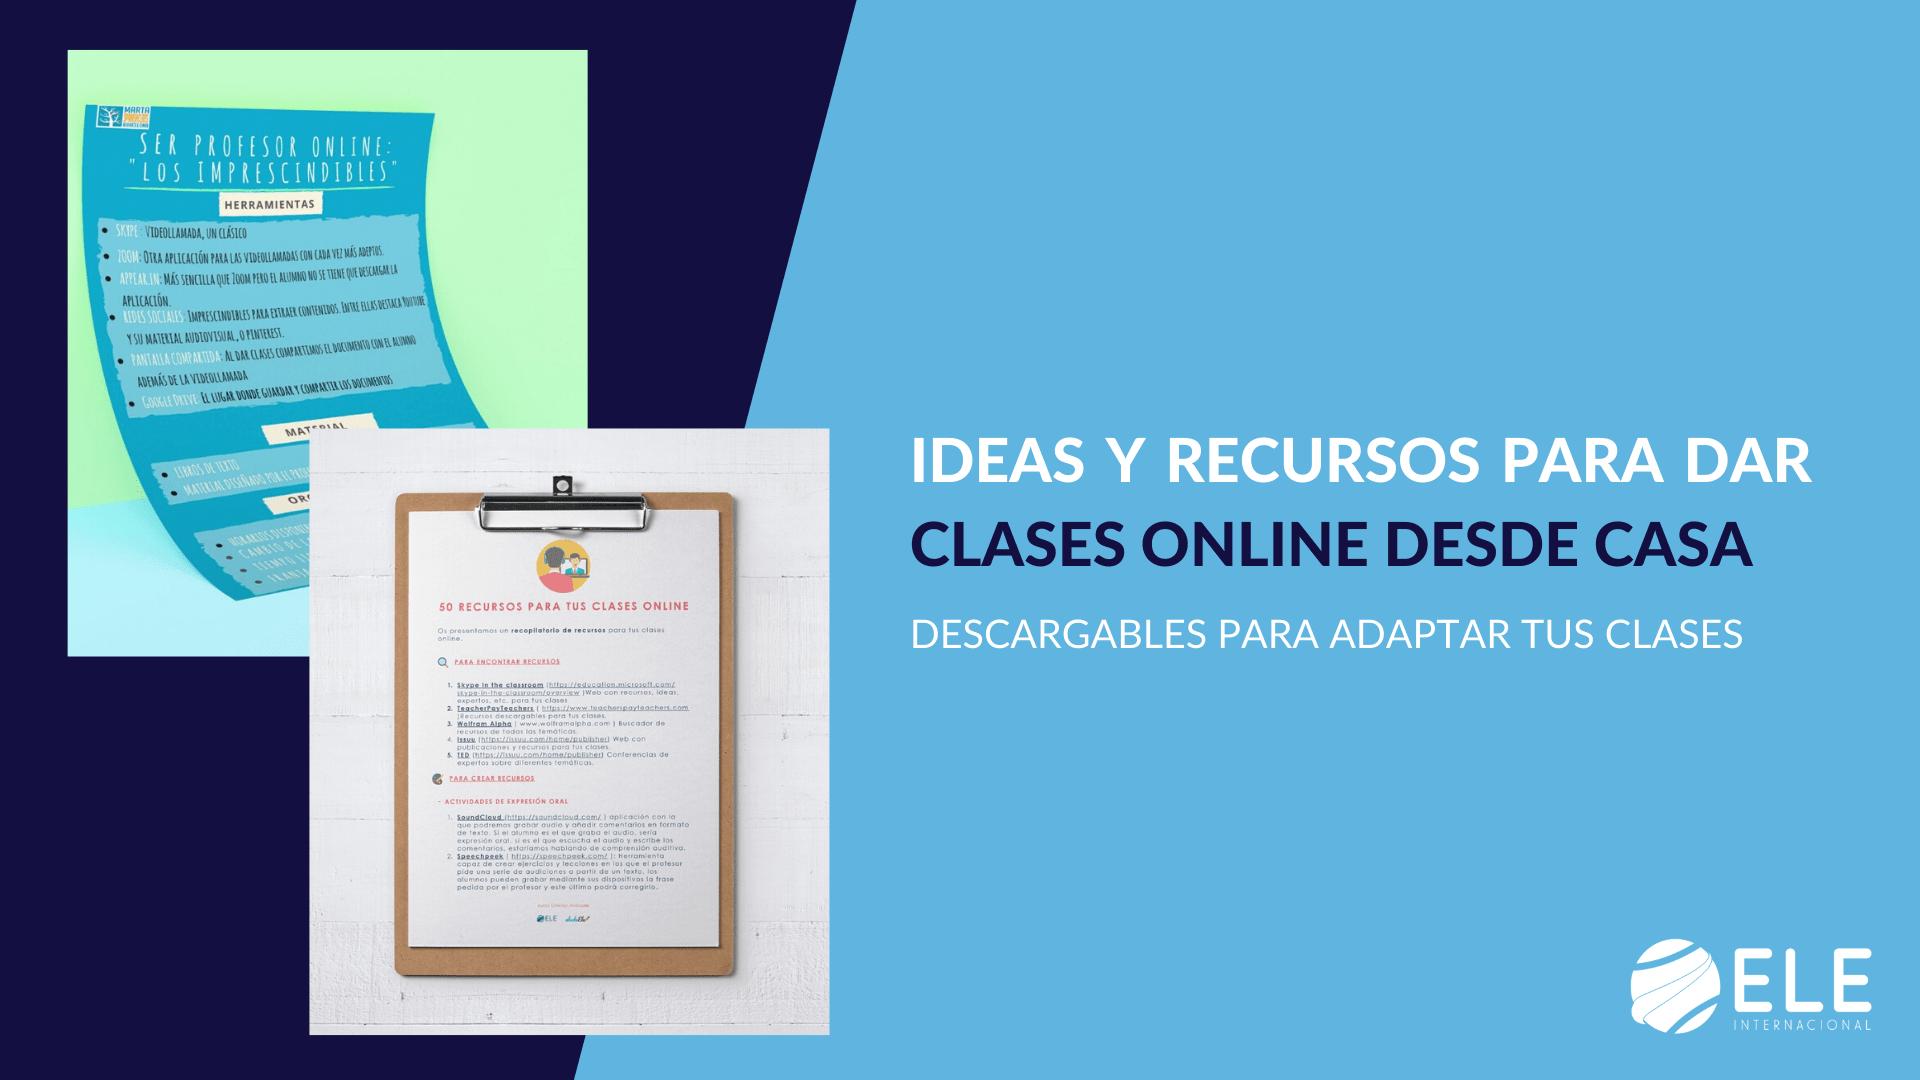 Dos guías que reúnen ideas para dar clases online desde casa